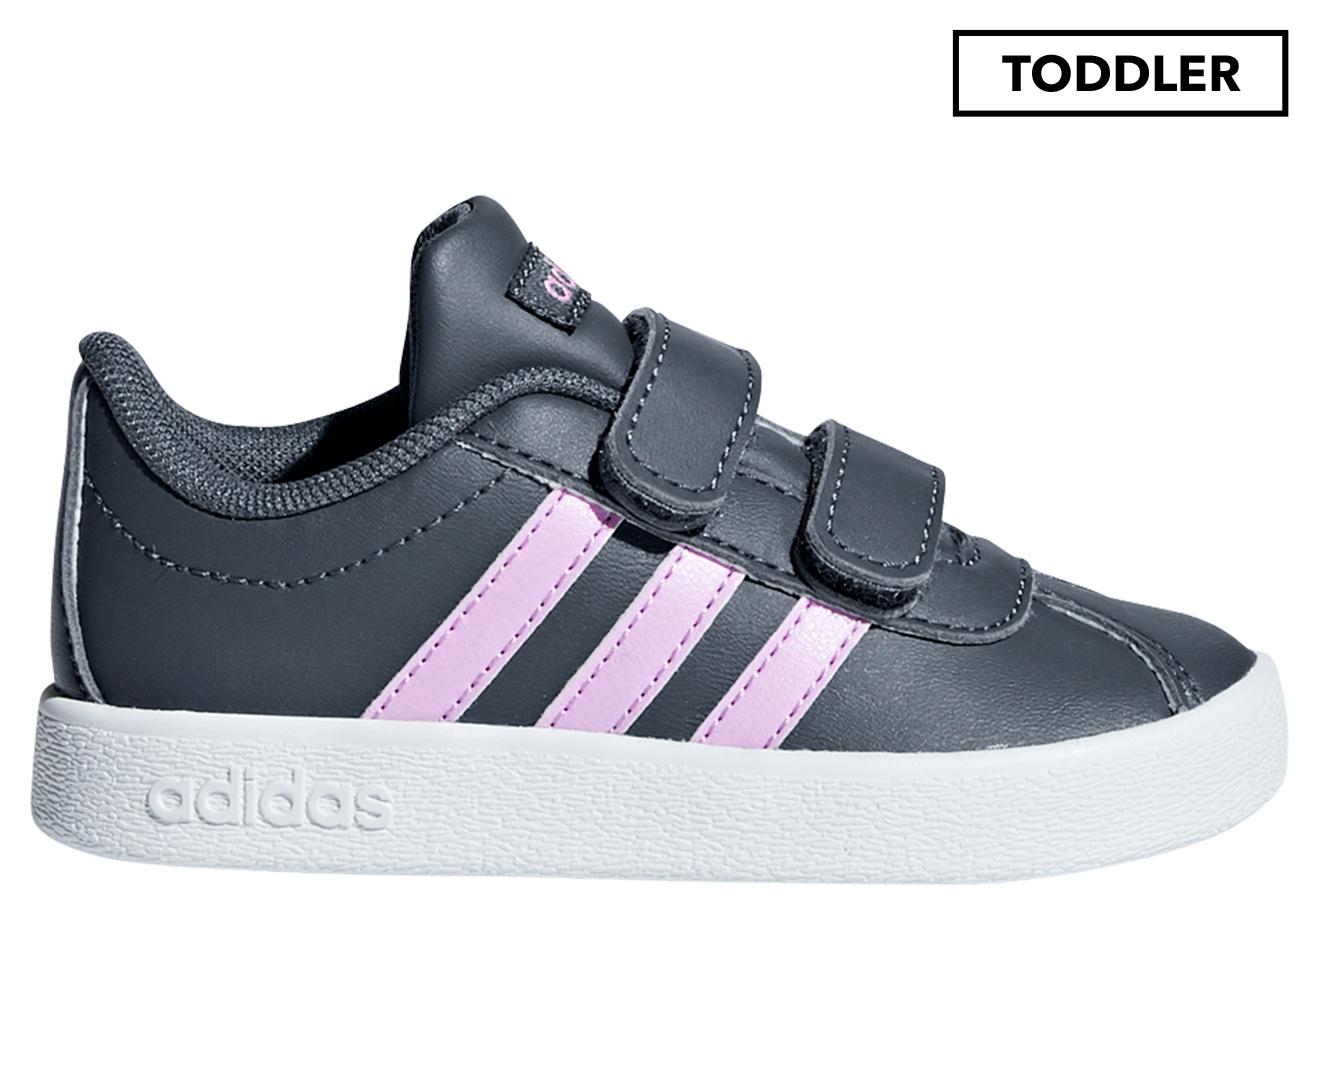 adidas vl court 2.0 cmf i br0ecc561